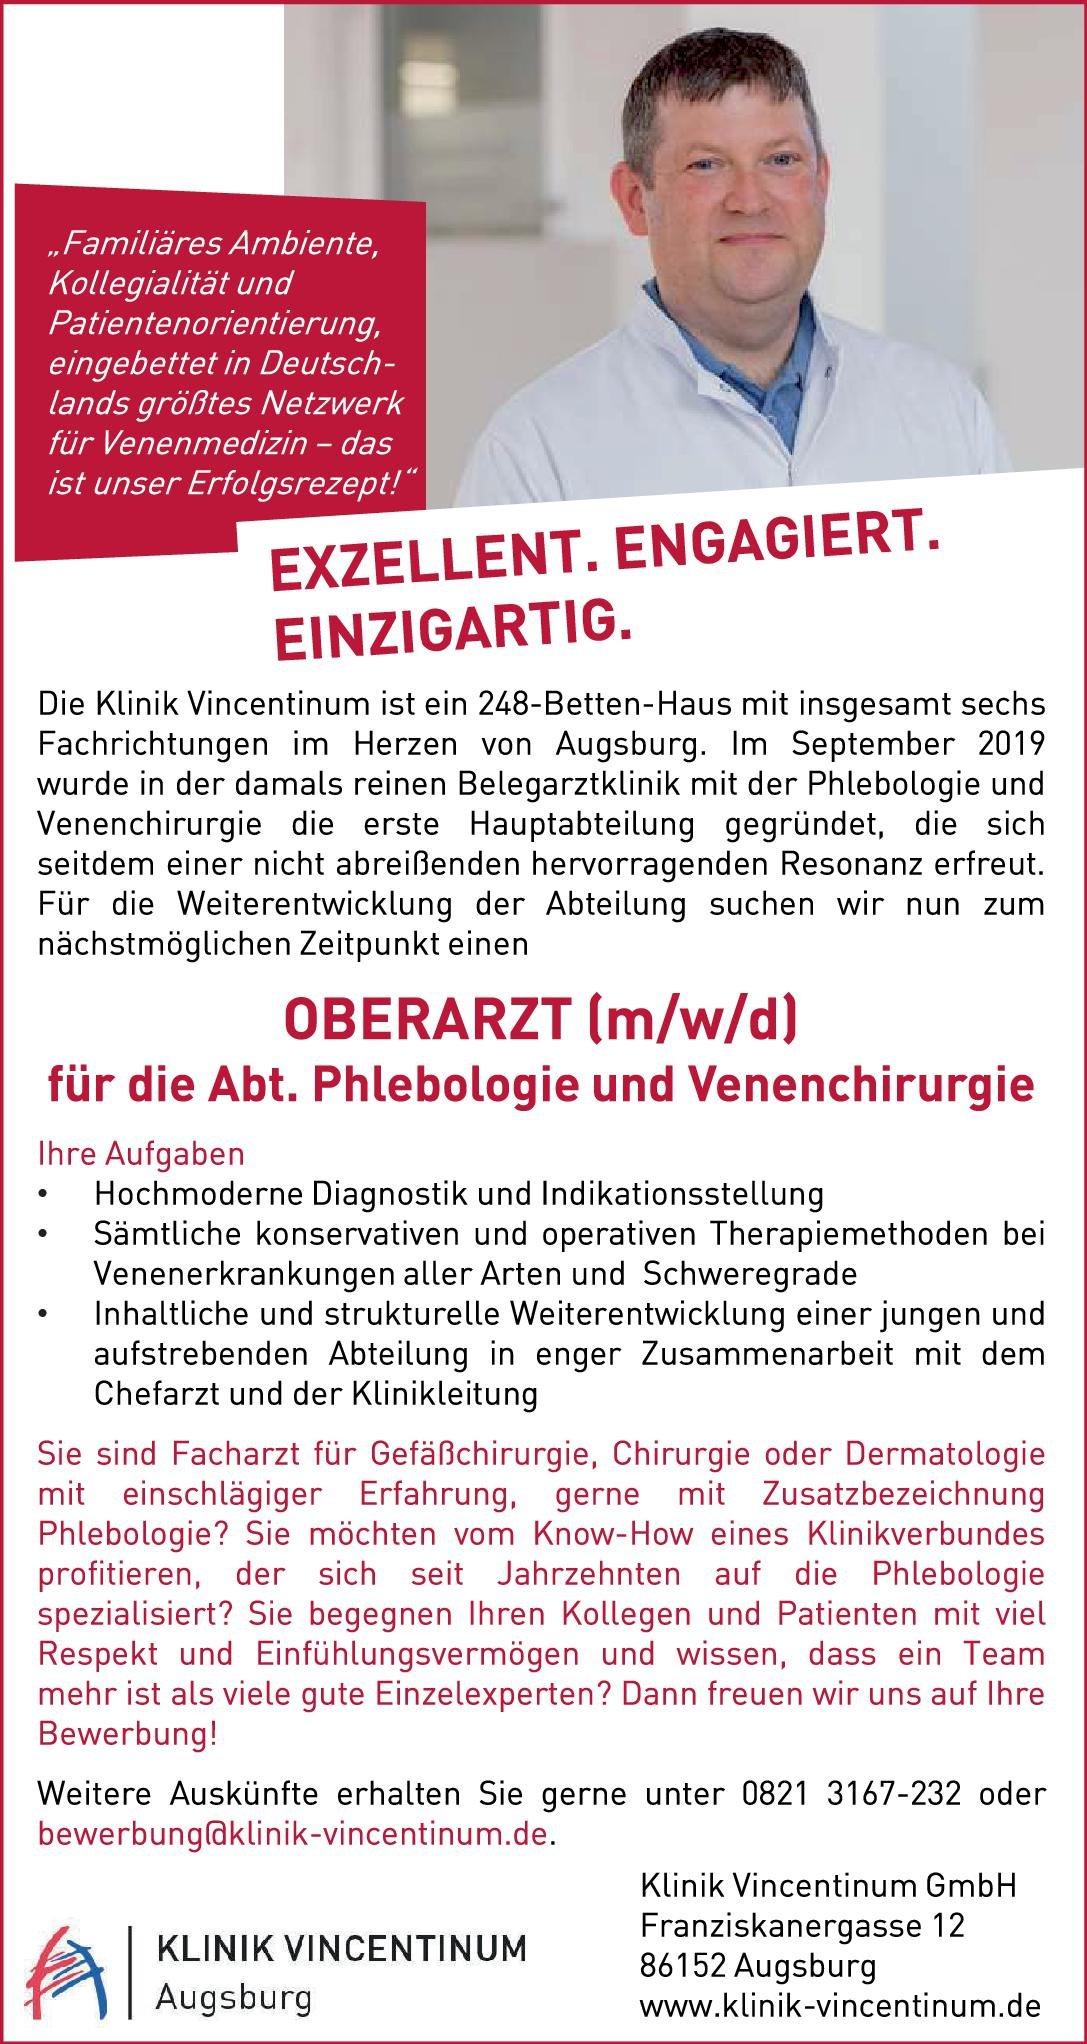 Klinikum Vincentinum GmbH Oberarzt (m/w/d) für die Abteilung Phlebologie und Venenchirurgie  Gefäßchirurgie, Chirurgie, Haut- und Geschlechtskrankheiten Oberarzt